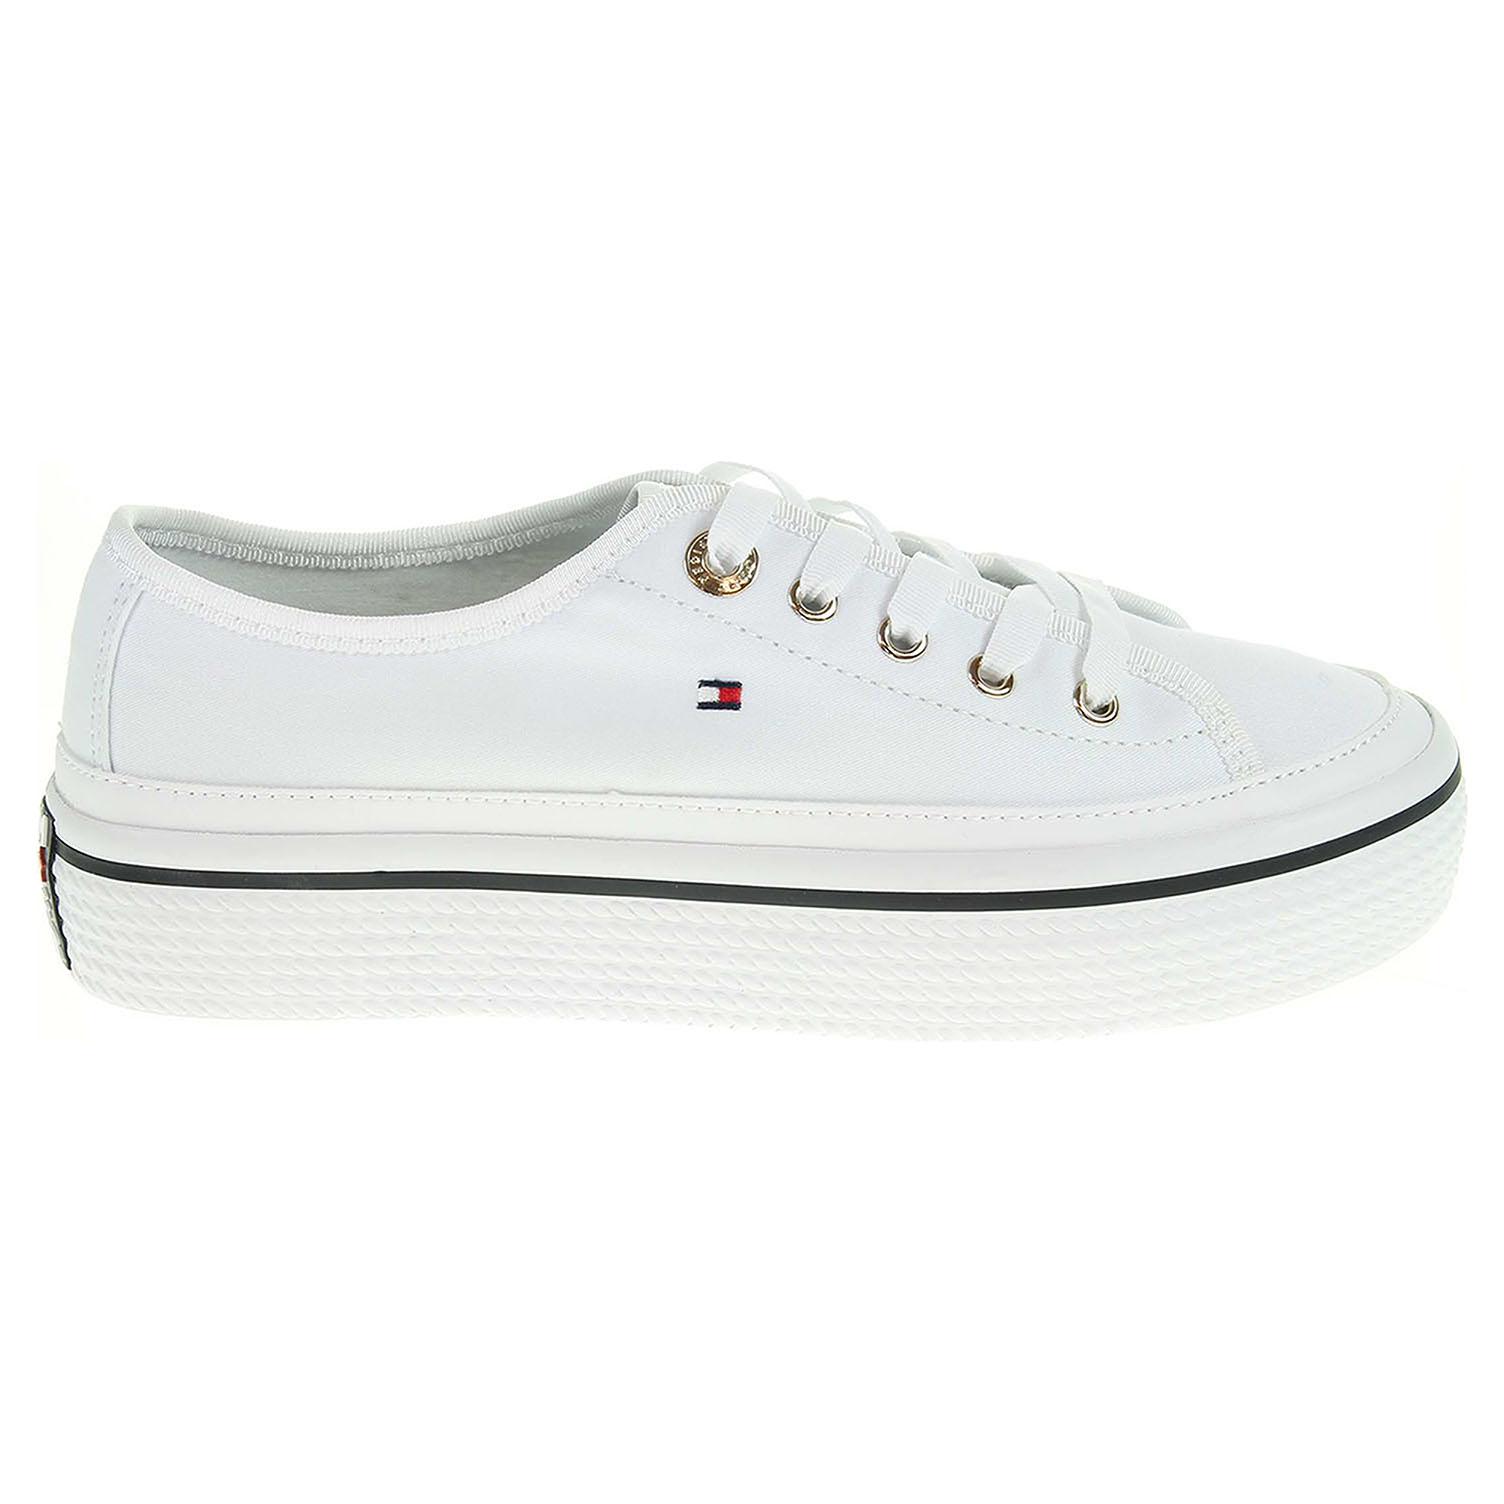 836657f1f4b Ecco Tommy Hilfiger dámská obuv FW0FW02456 white 23200747